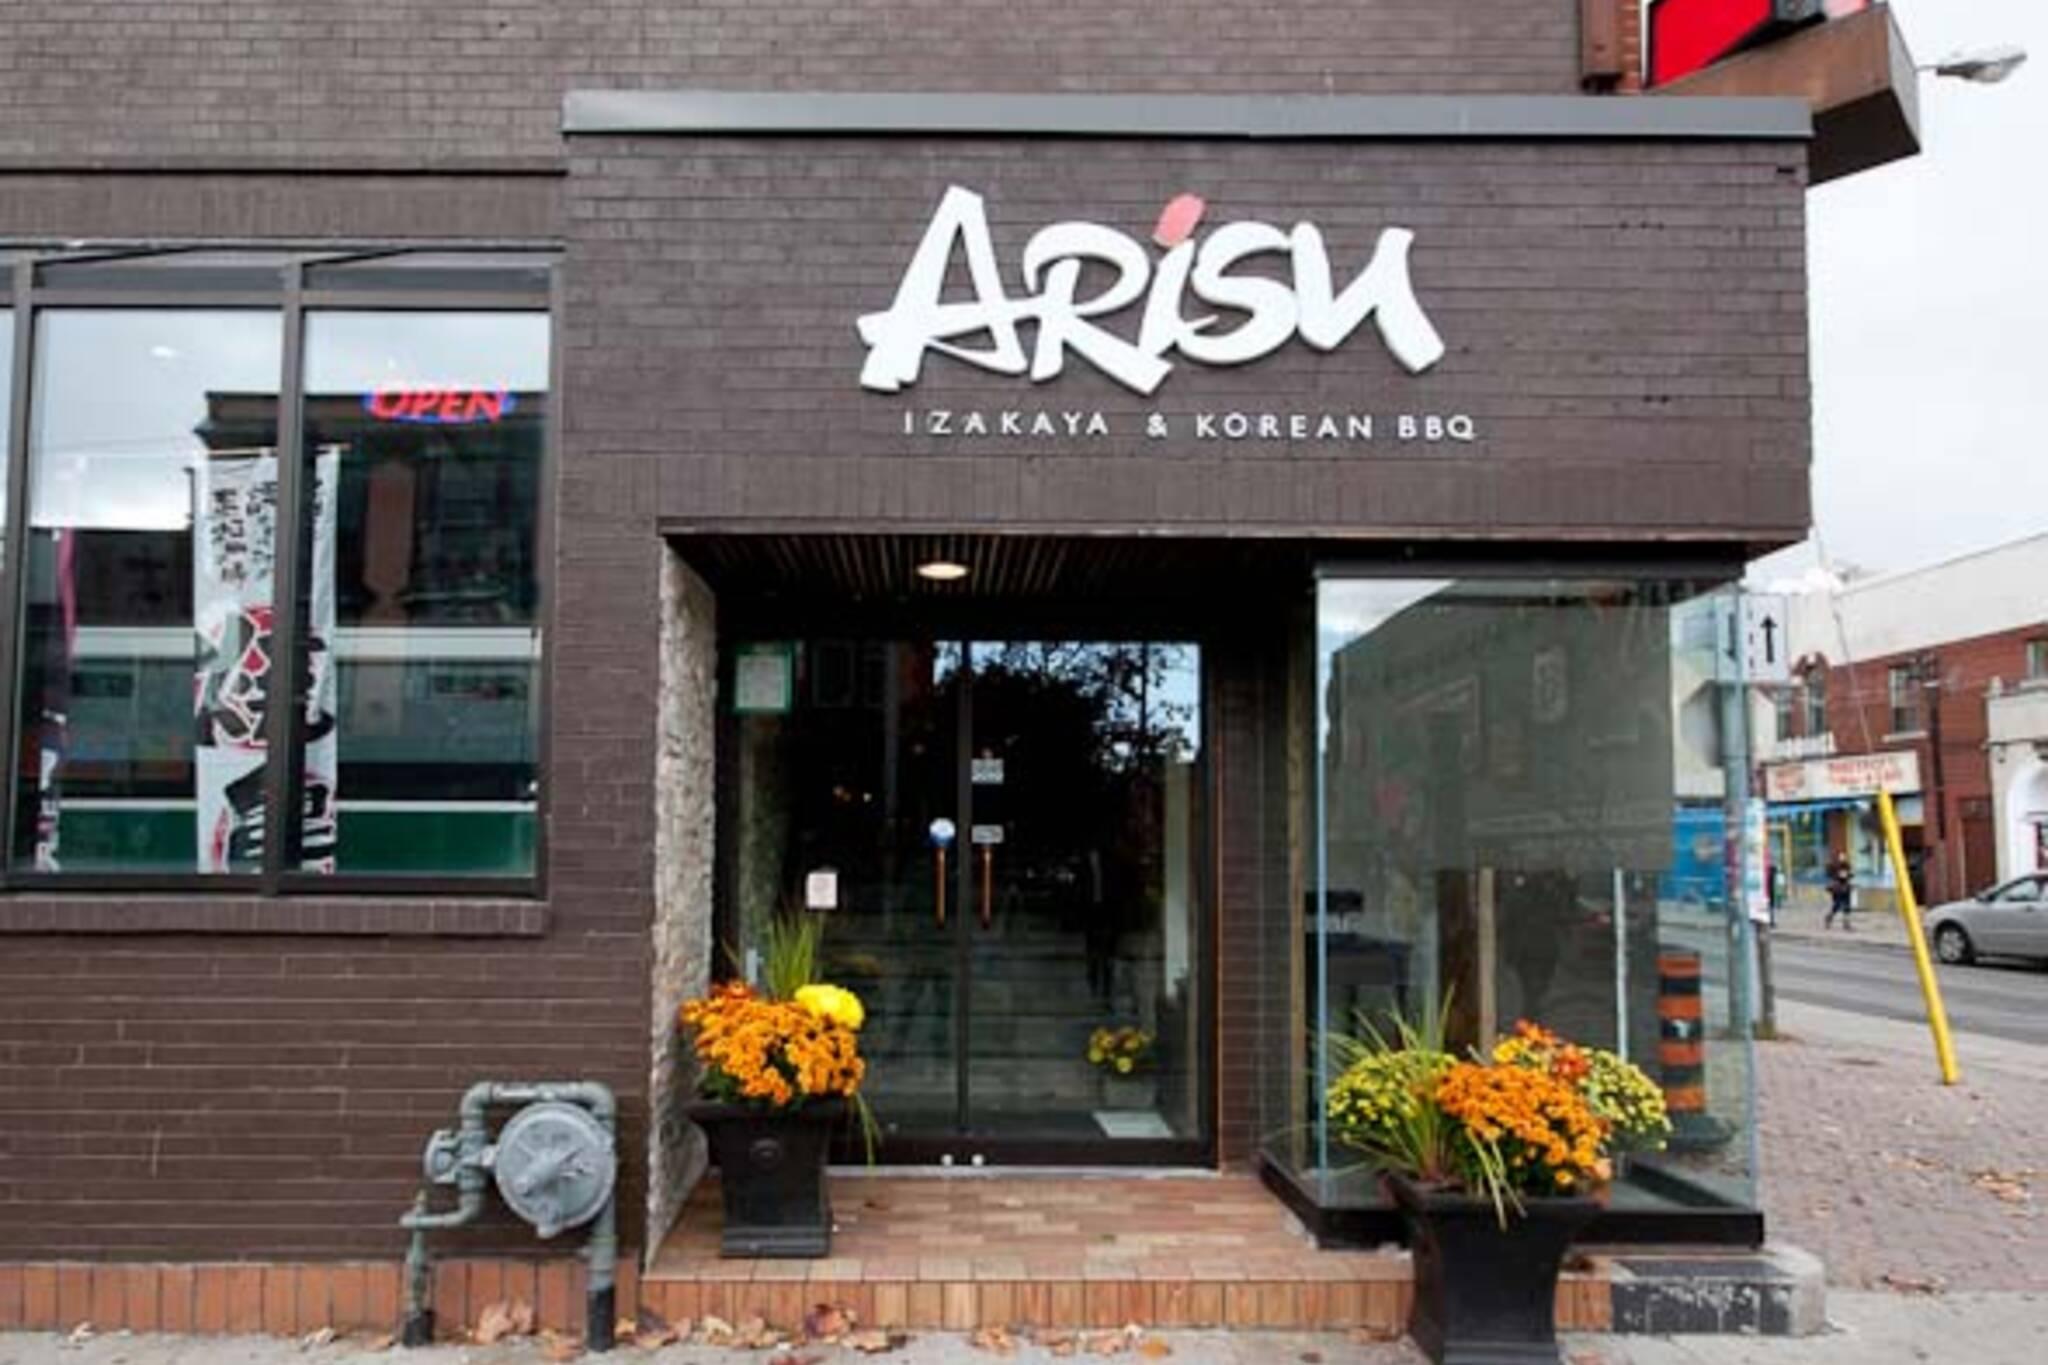 Arisu Toronto